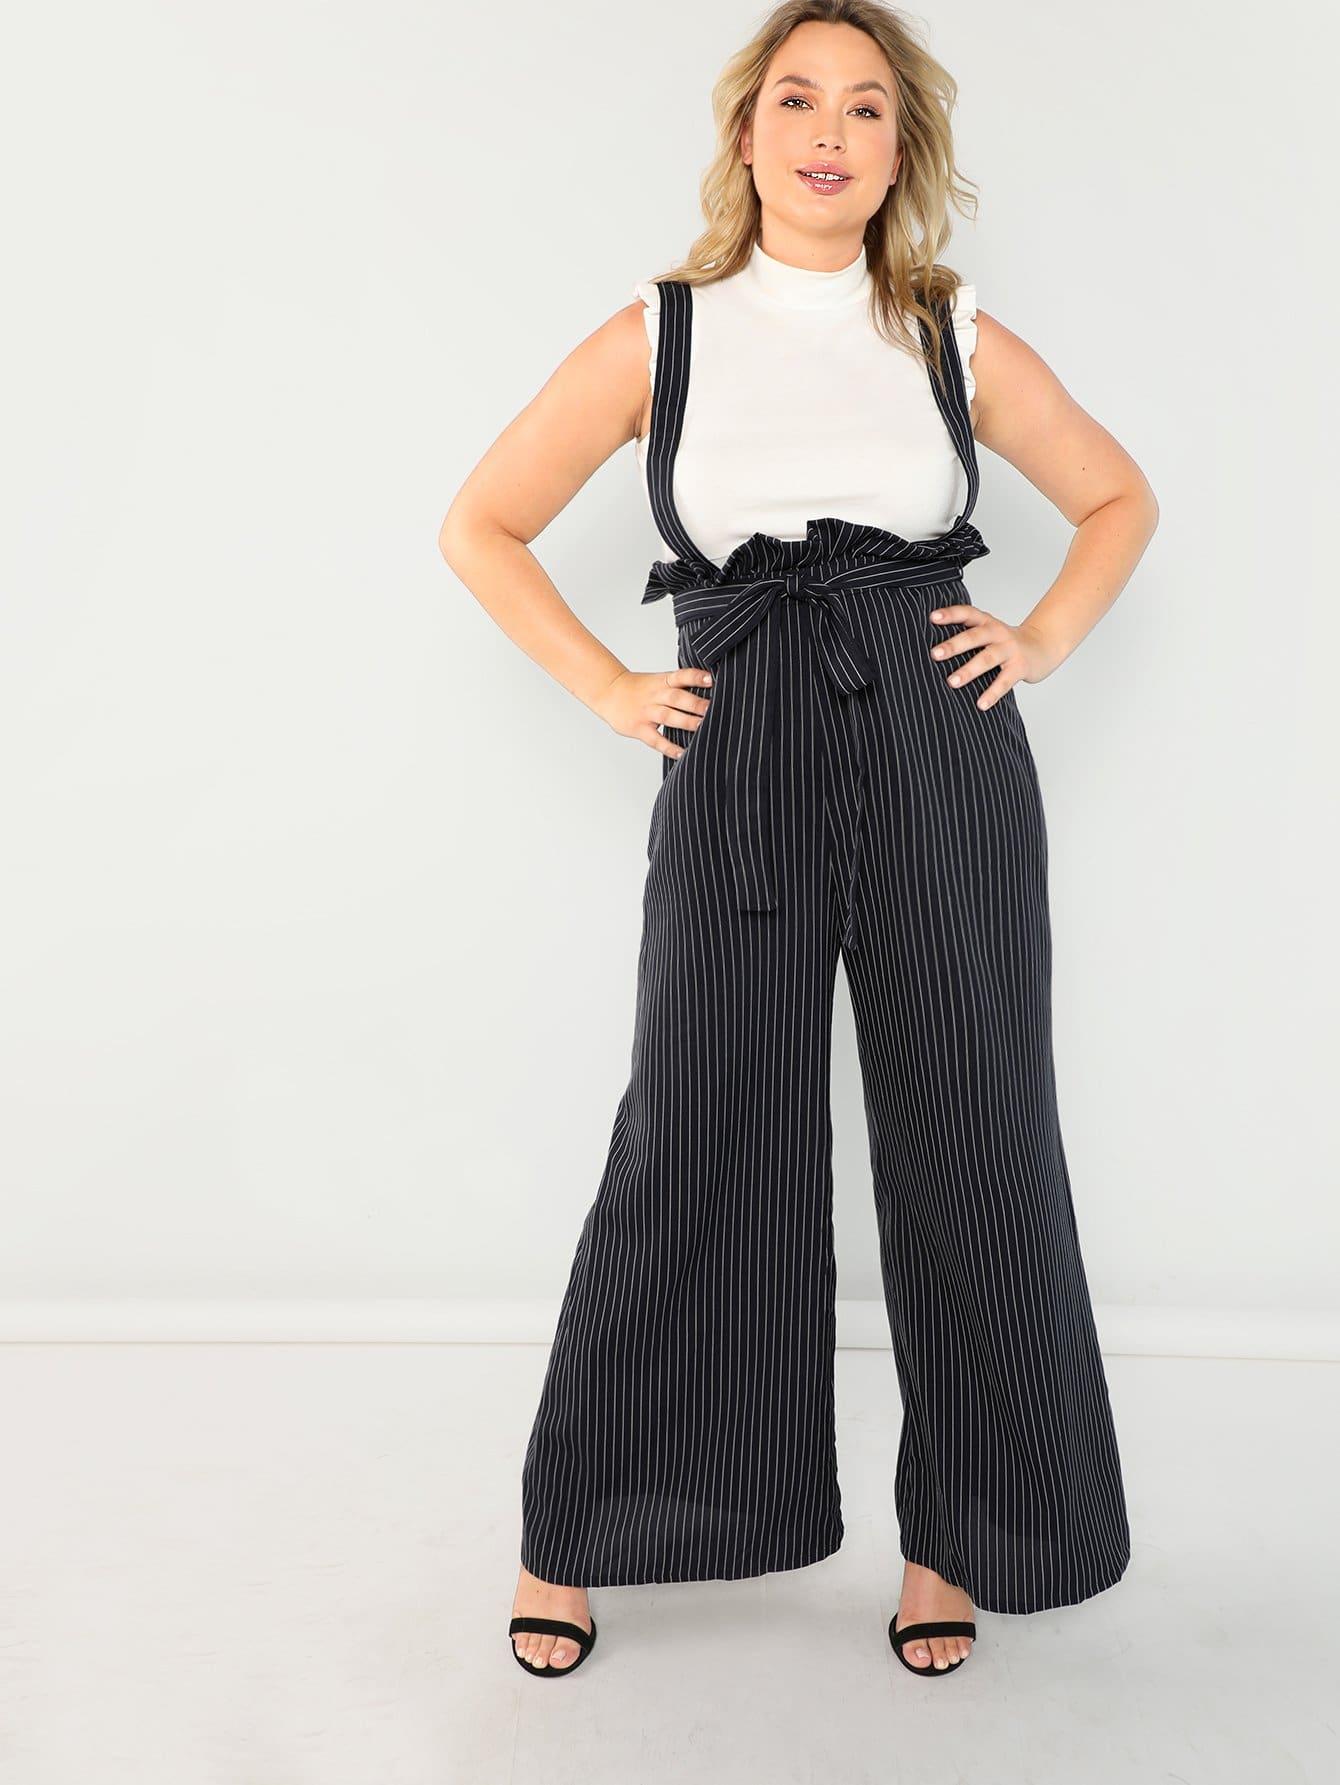 Купить Плюс размеры ремень широкие полосатые брюки, Sydney Ness, SheIn